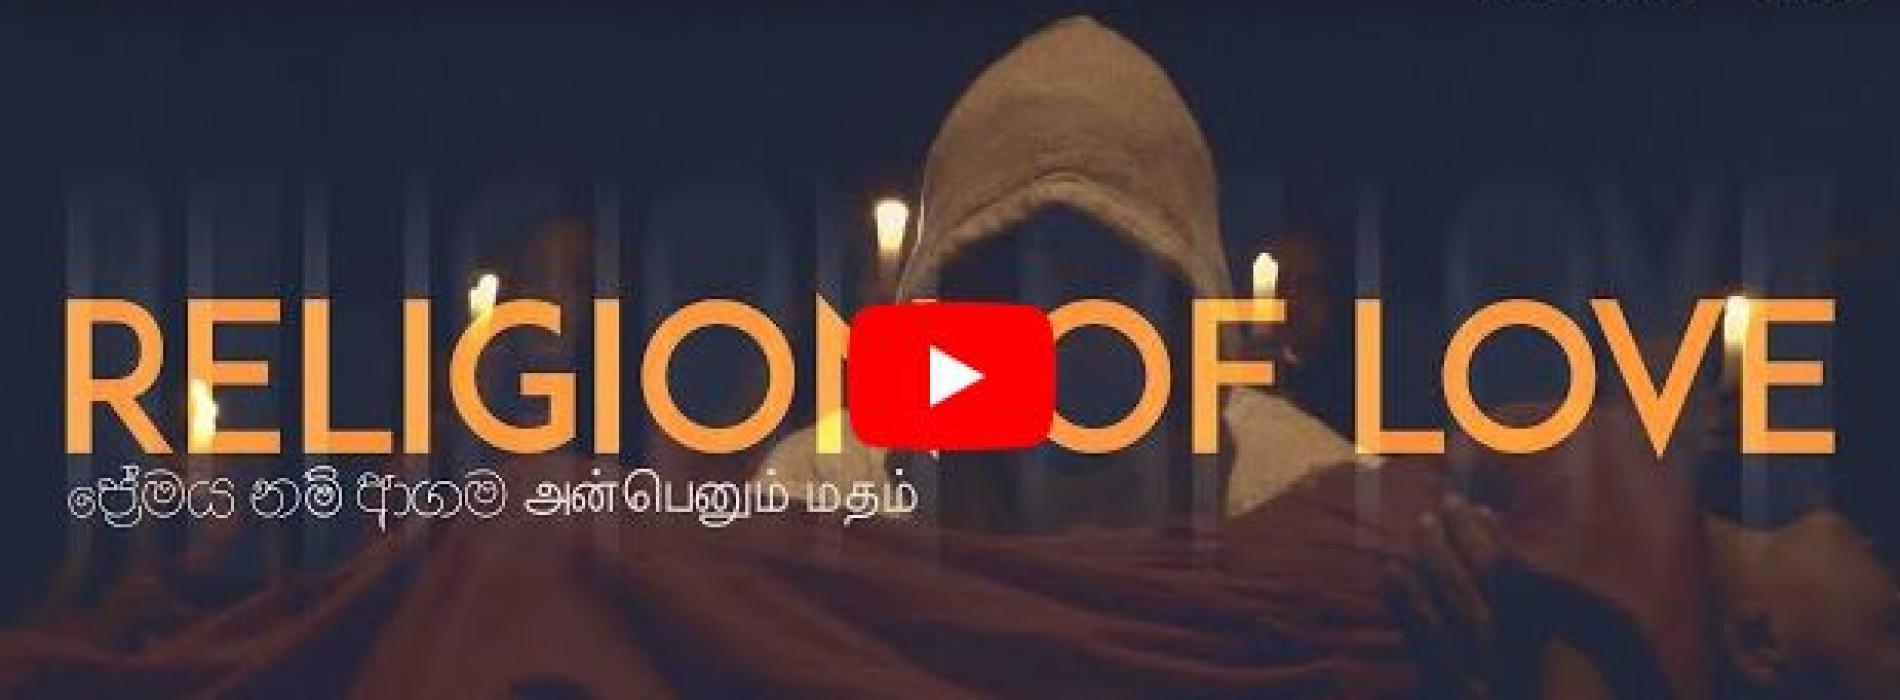 Sadara Bandara – ප්රේමය නම් ආගම (Religion of Love) | Timran Keerthi [Official Music Video]